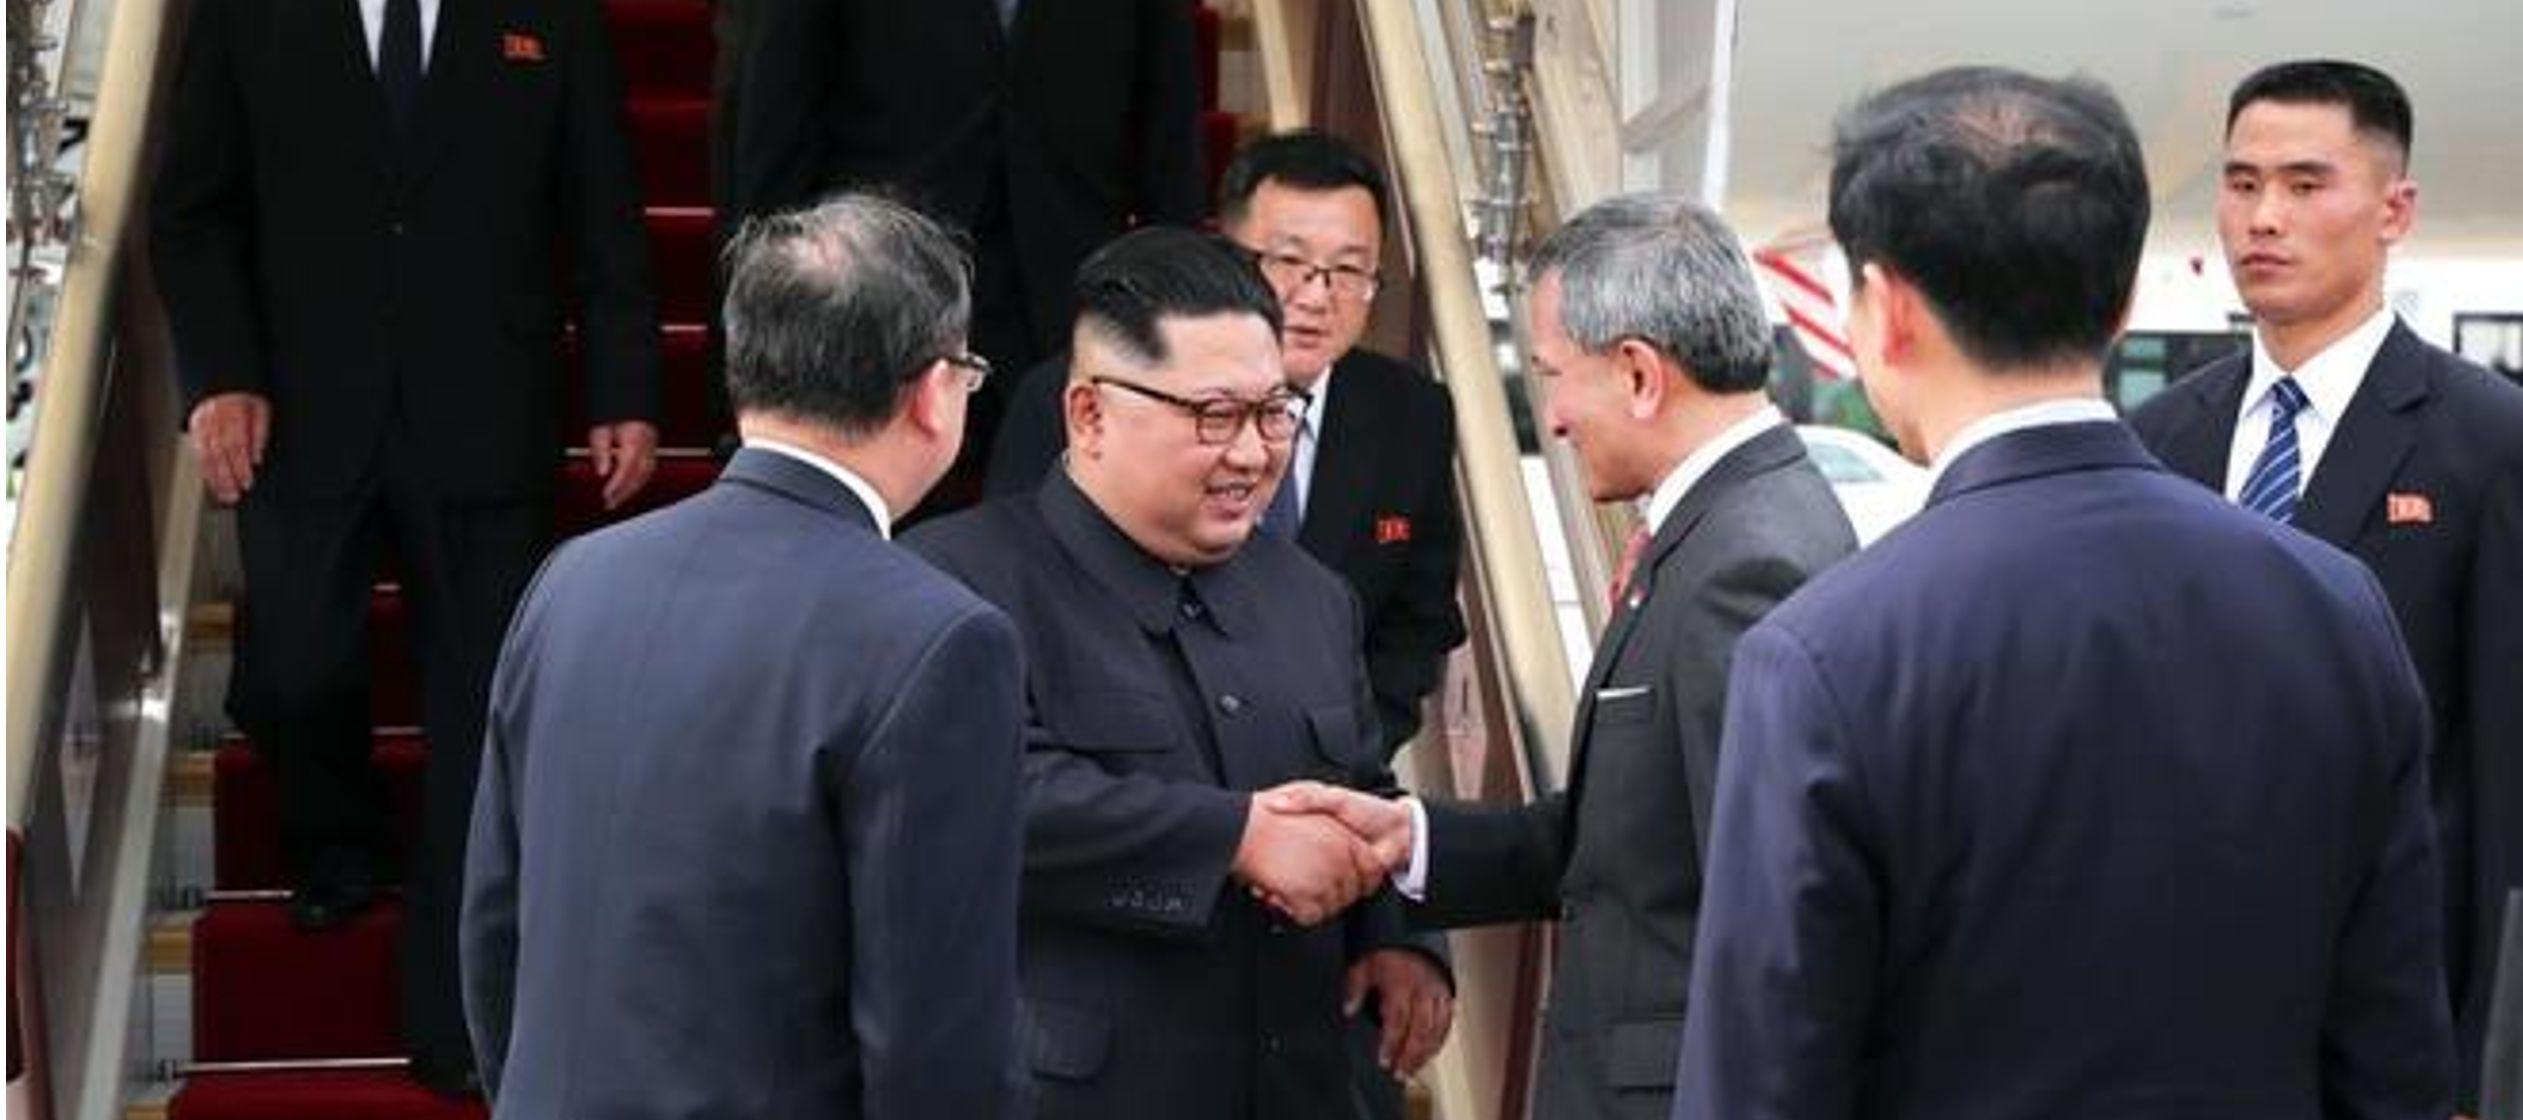 Trump ha aventurado el encuentro podría arrojar un acuerdo de paz que ponga fin a la Guerra...